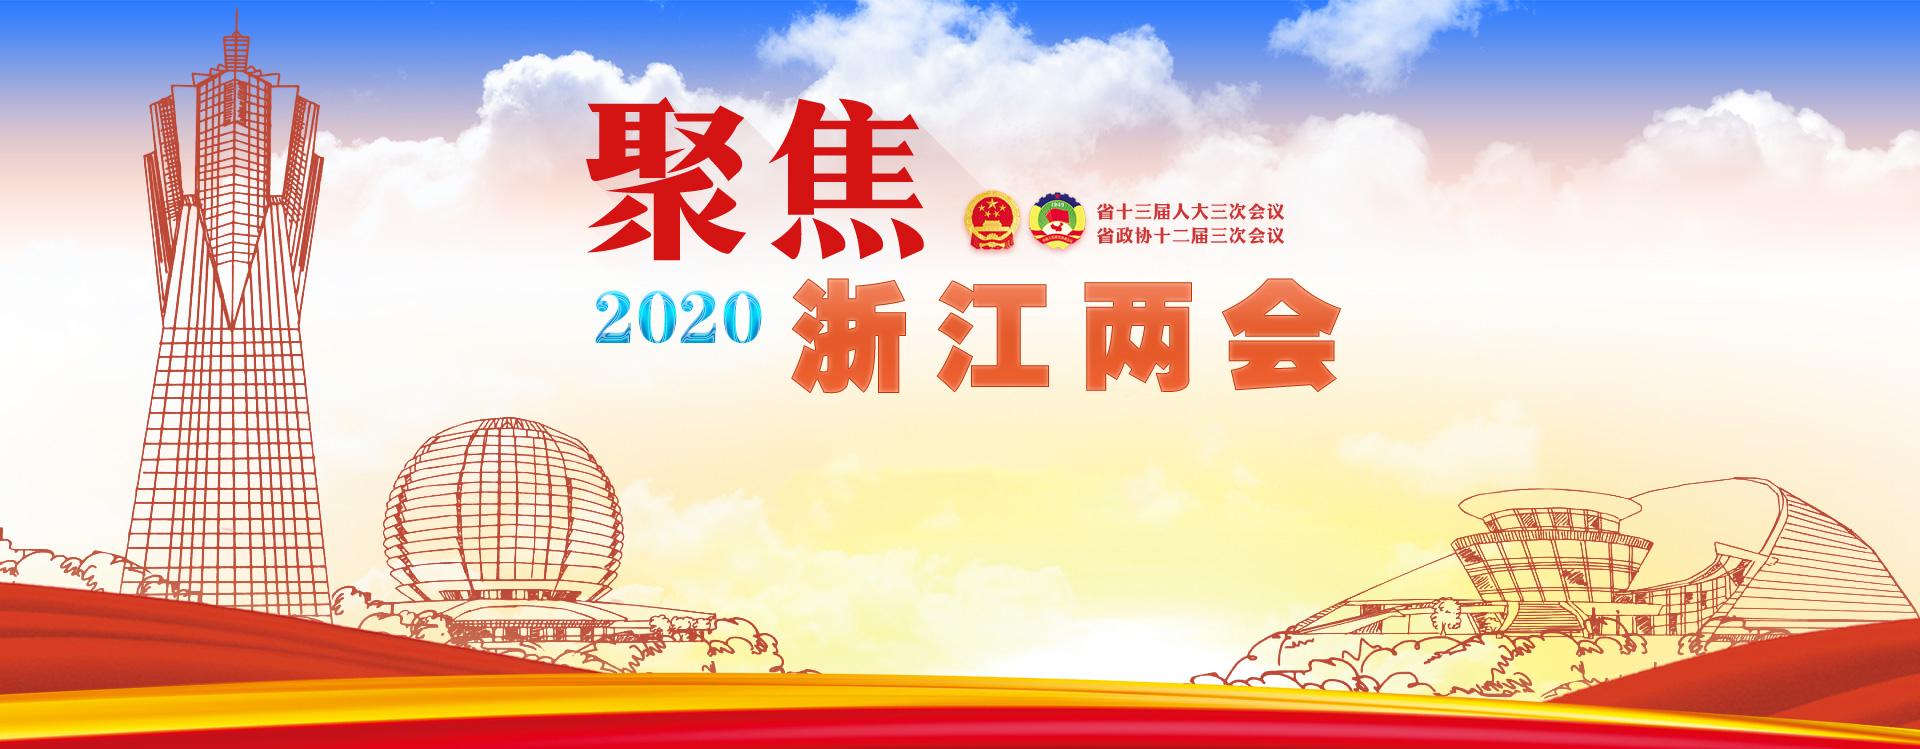 聚焦2020浙江两会